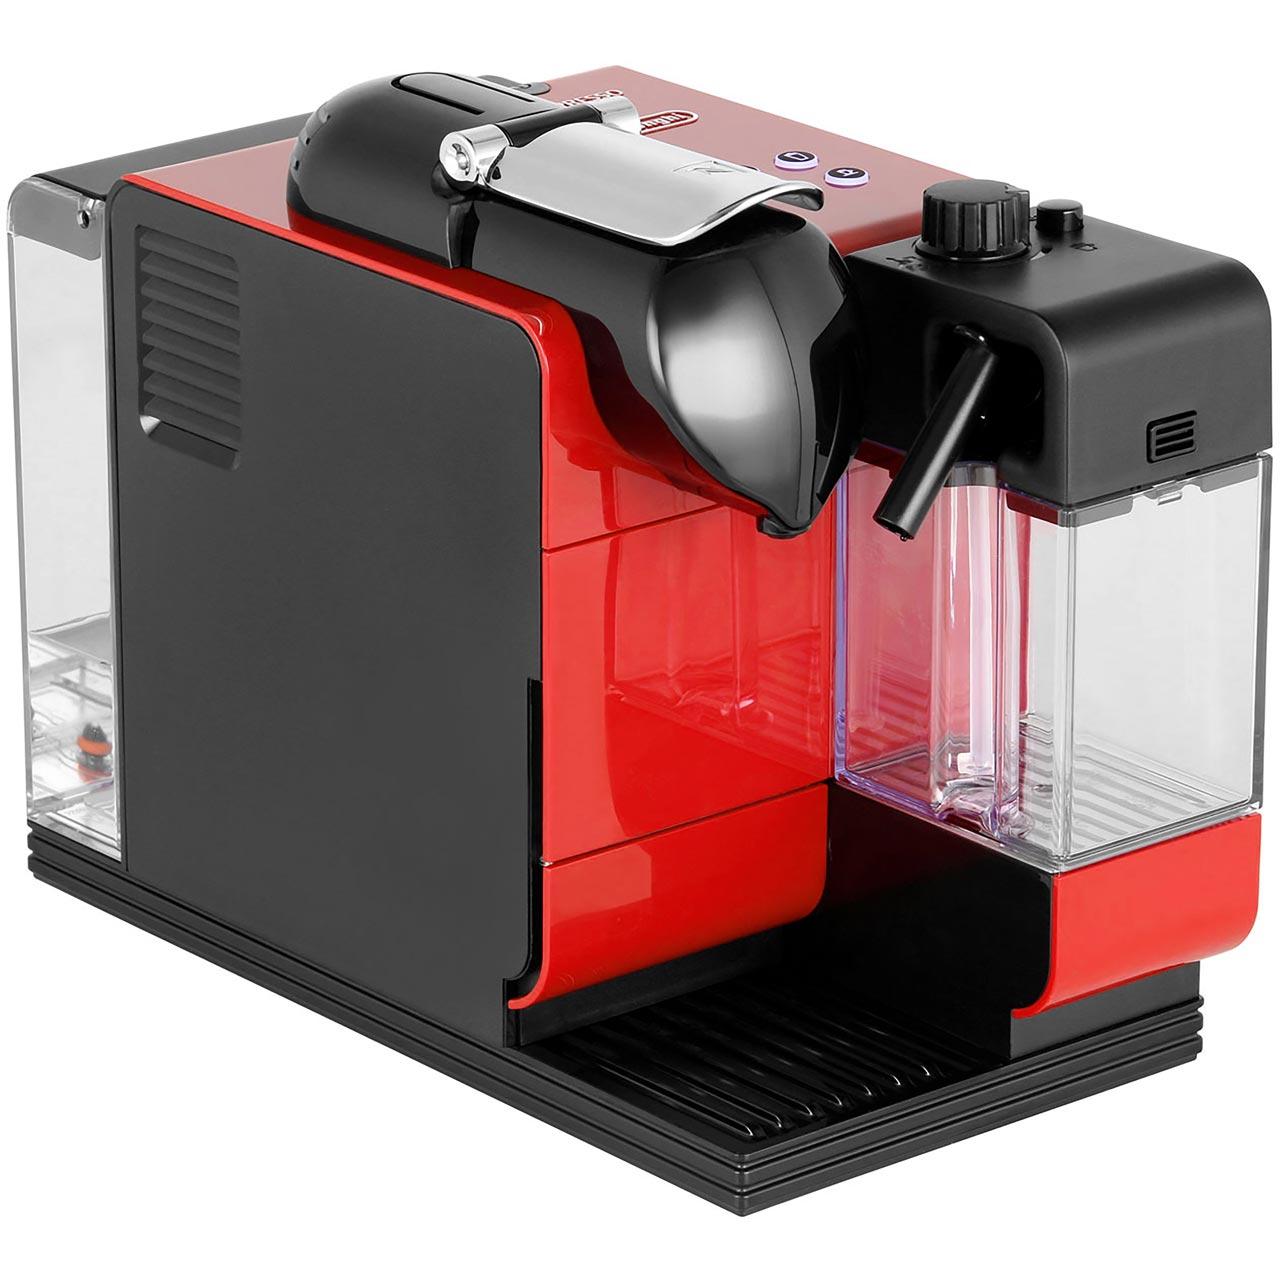 nespresso by en521r lattissima coffee machine red - Nespresso Delonghi